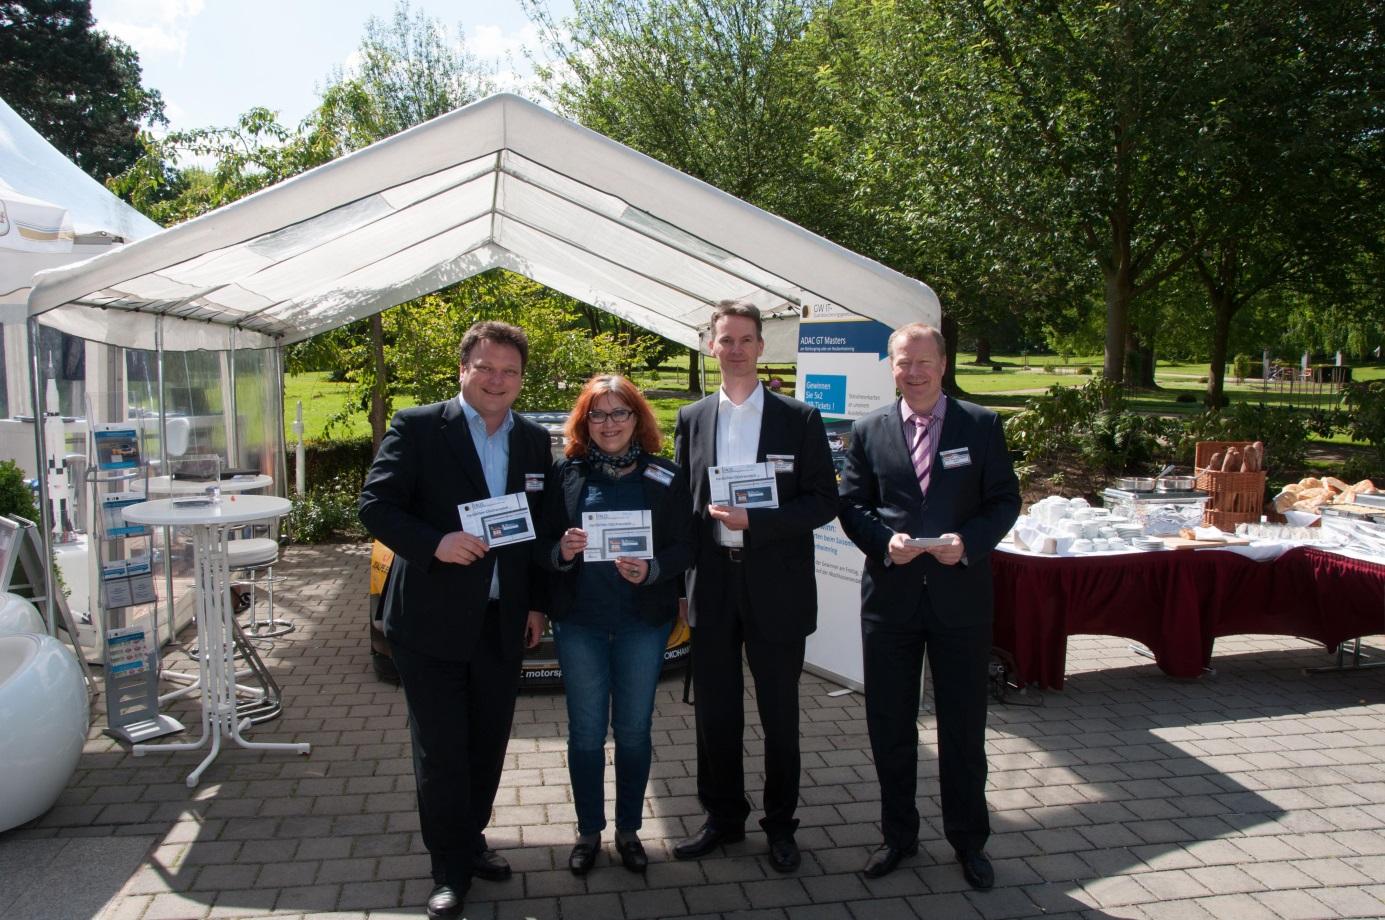 Die Gewinner der VIP-Karten für das ADAC GT Masters-Rennen am Hockenheimring mit Axel von Dielingen